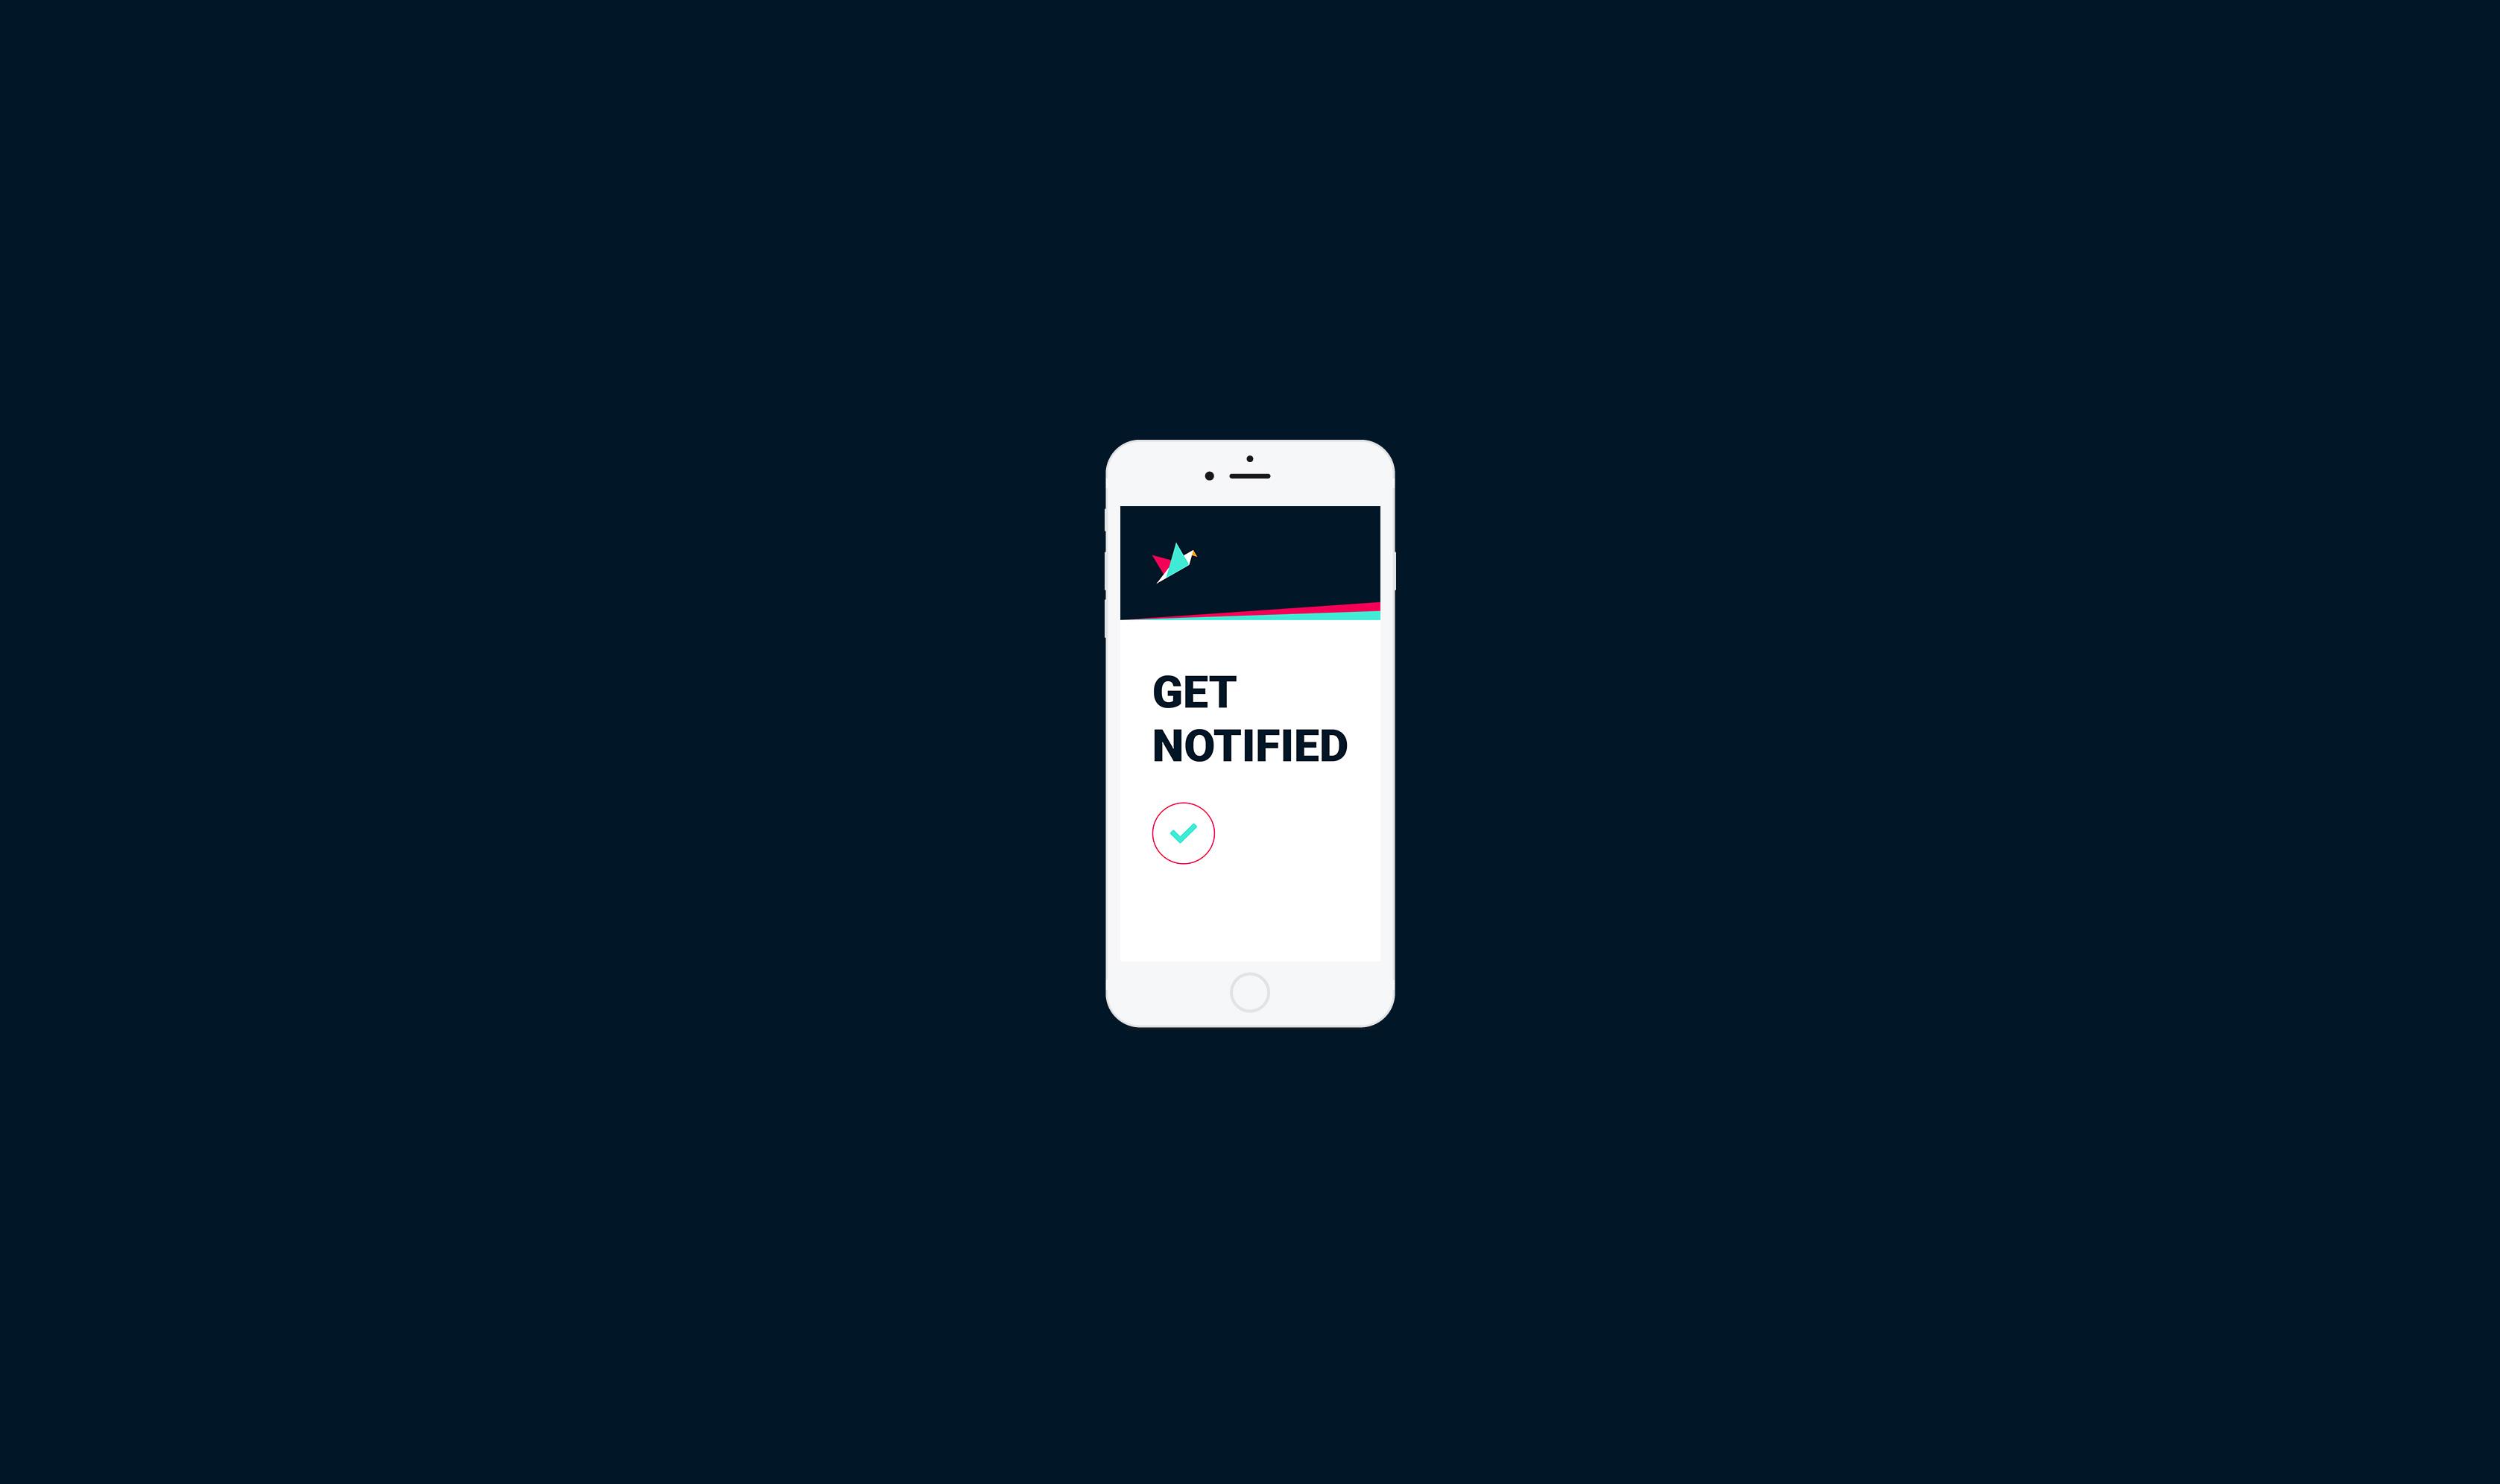 Beo Bao, Nanye GmbH, Online-Shop, Next Level China Produkte + Berger Studios, Max Berger, Maximilian Berger, Werbeagentur, Design, Cinema, Web, Kunst, Grafikdesign, Videoproduktion, Webdesign, Kunstverkauf, Digitale & Analoge Werbung aus einer Hand